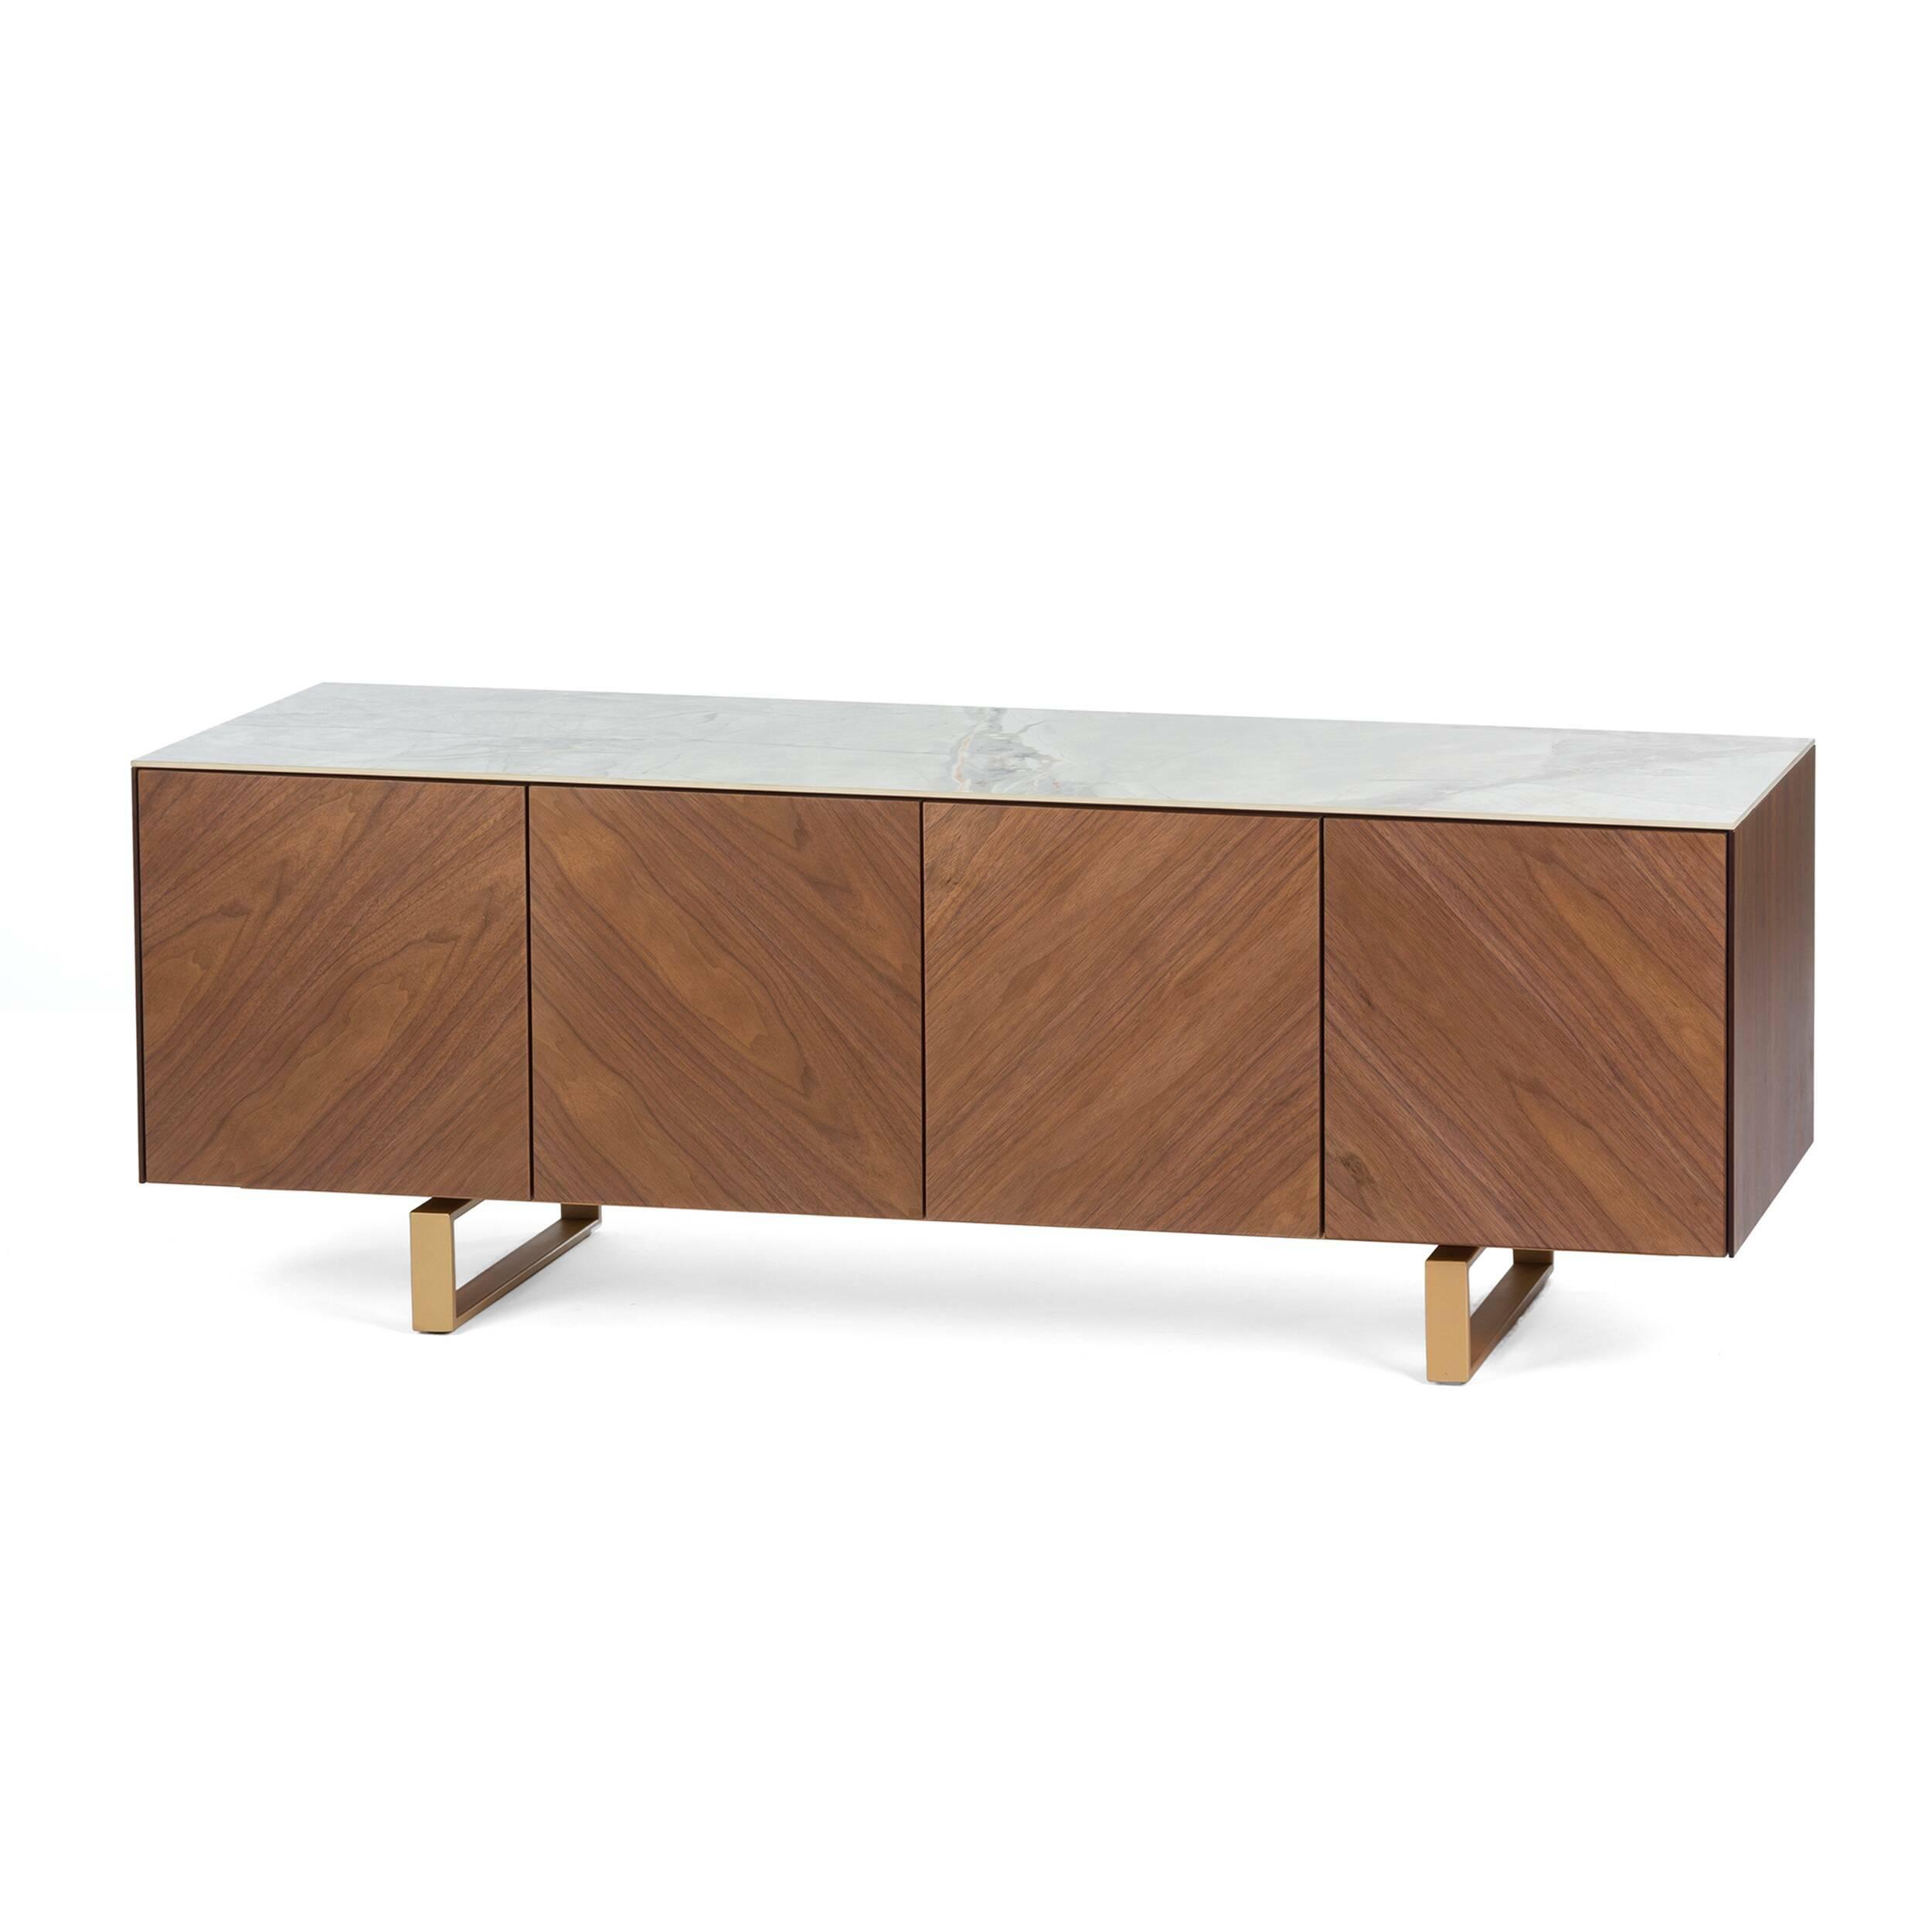 ТВ-консоль Adagio купить в интернет-магазине дизайнерской мебели Cosmorelax.Ru